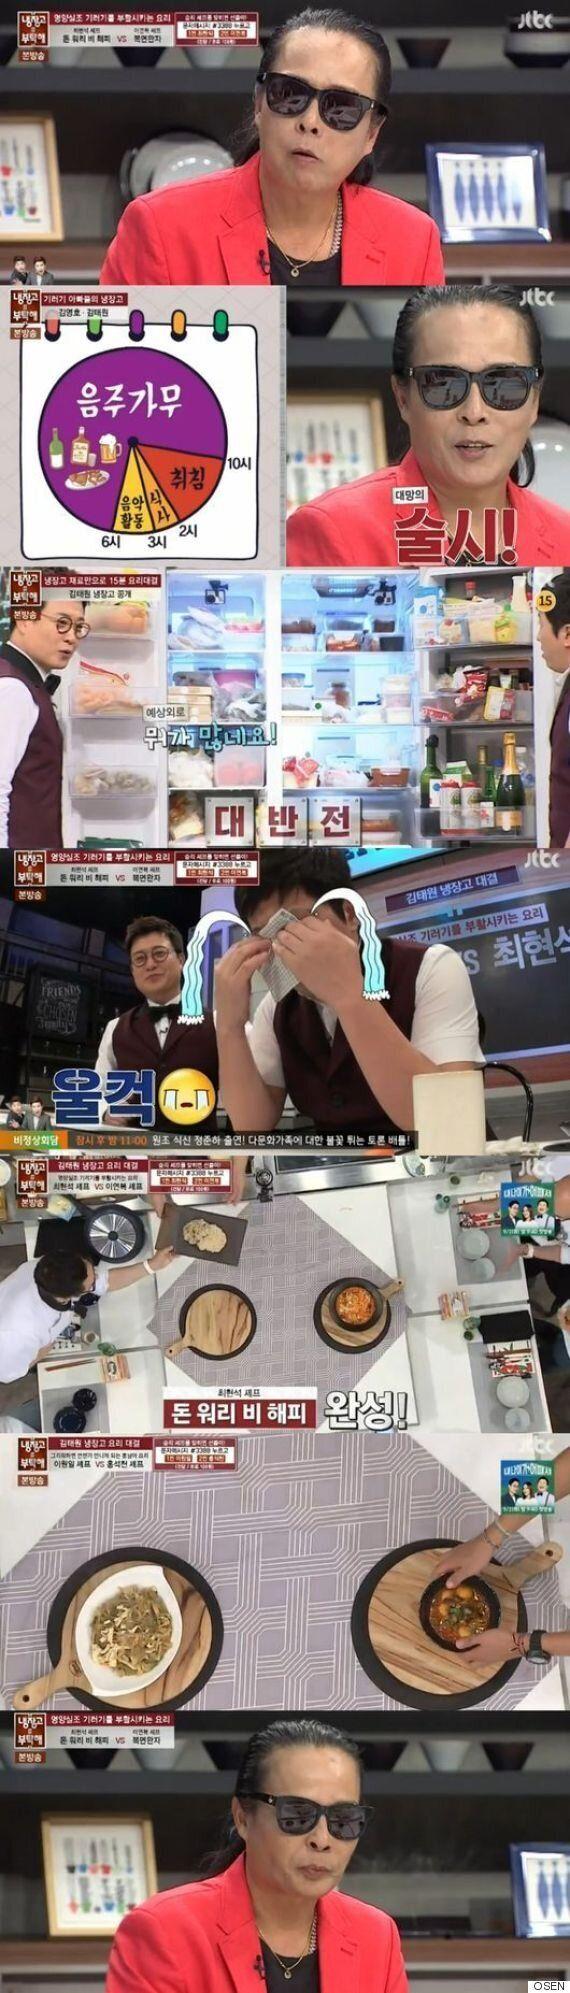 [어저께TV]'냉장고' 김태원, 구청에서 보호해야 할 '할매